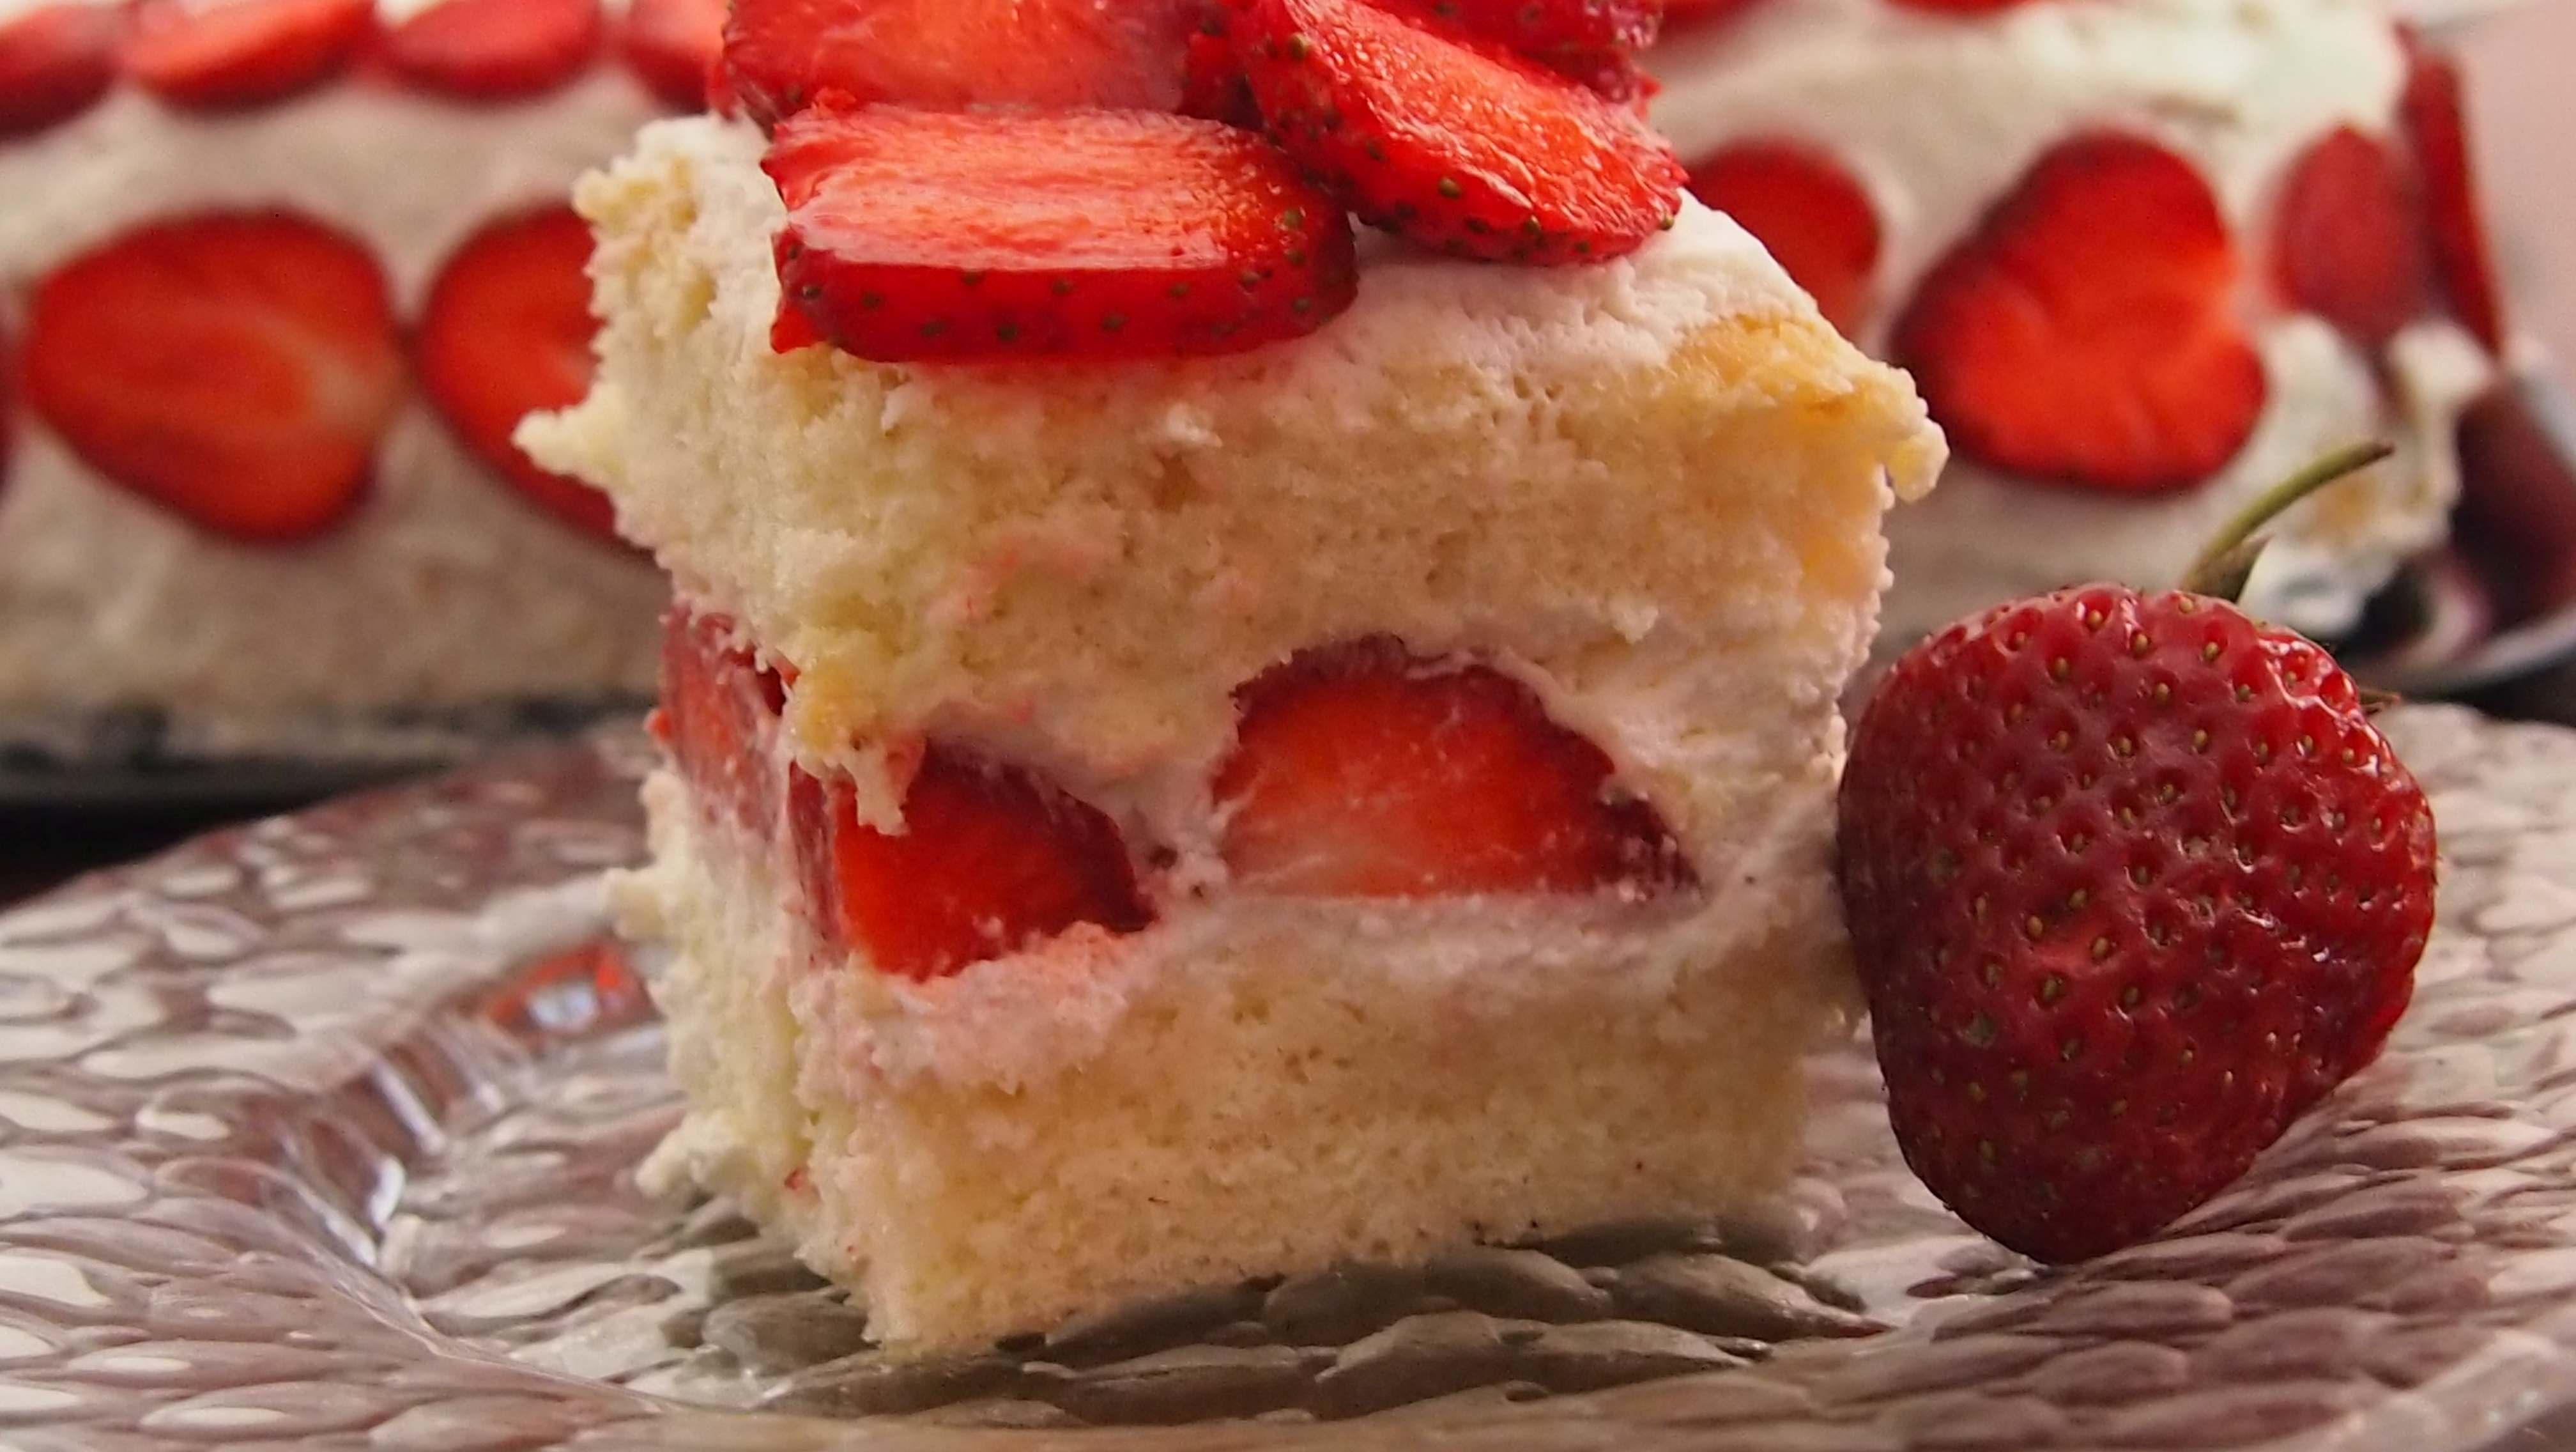 Na początek… Tort z bitą śmietaną i truskawkami